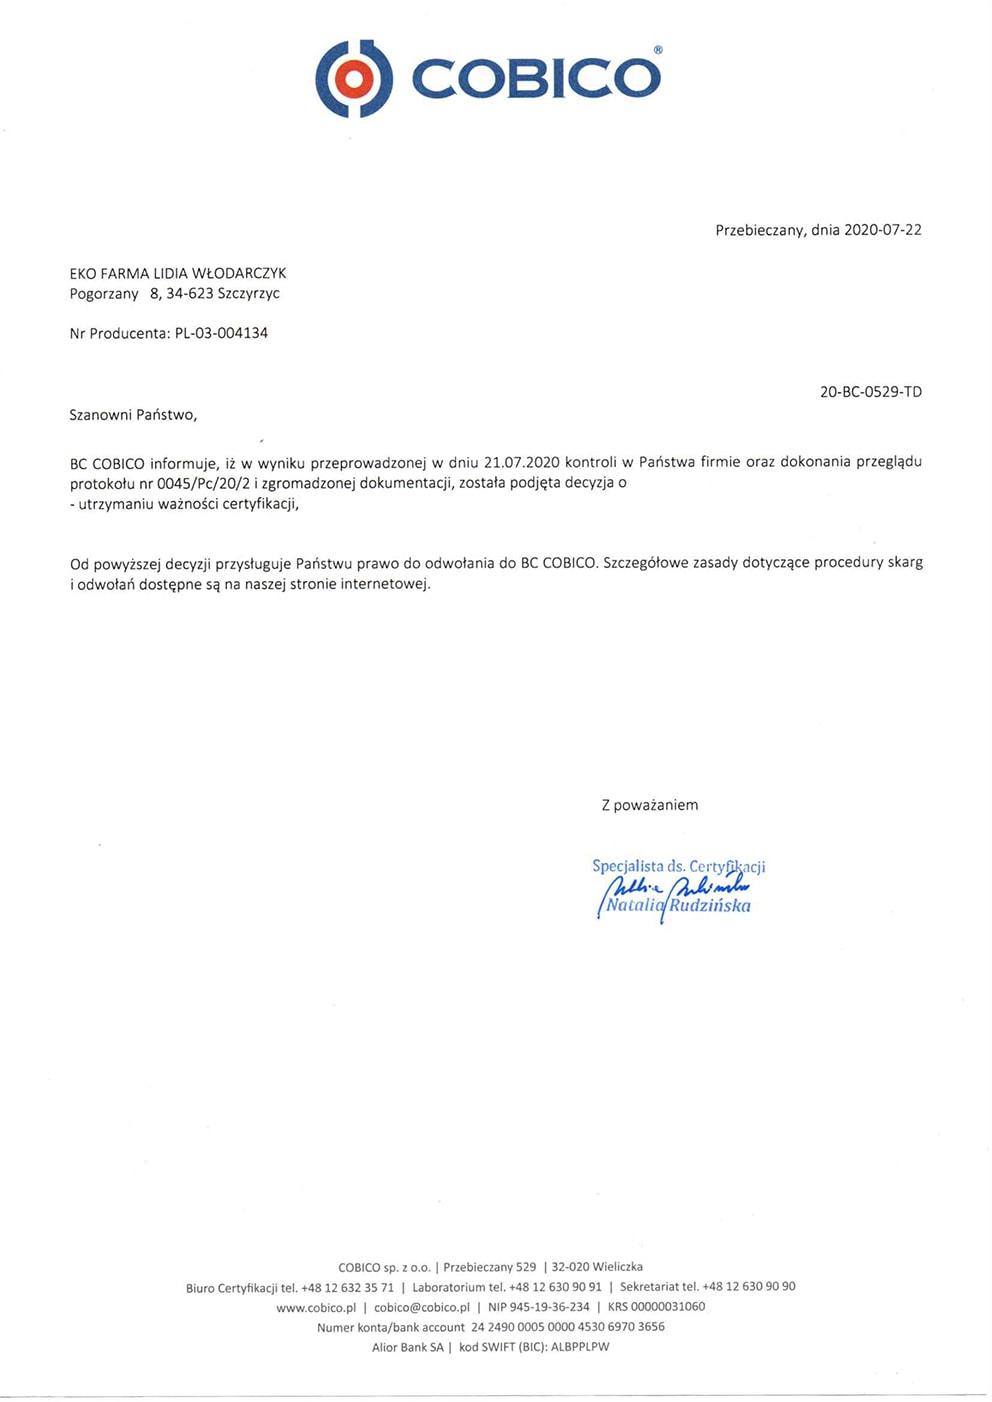 certyfikat ekologiczny - Eko farma